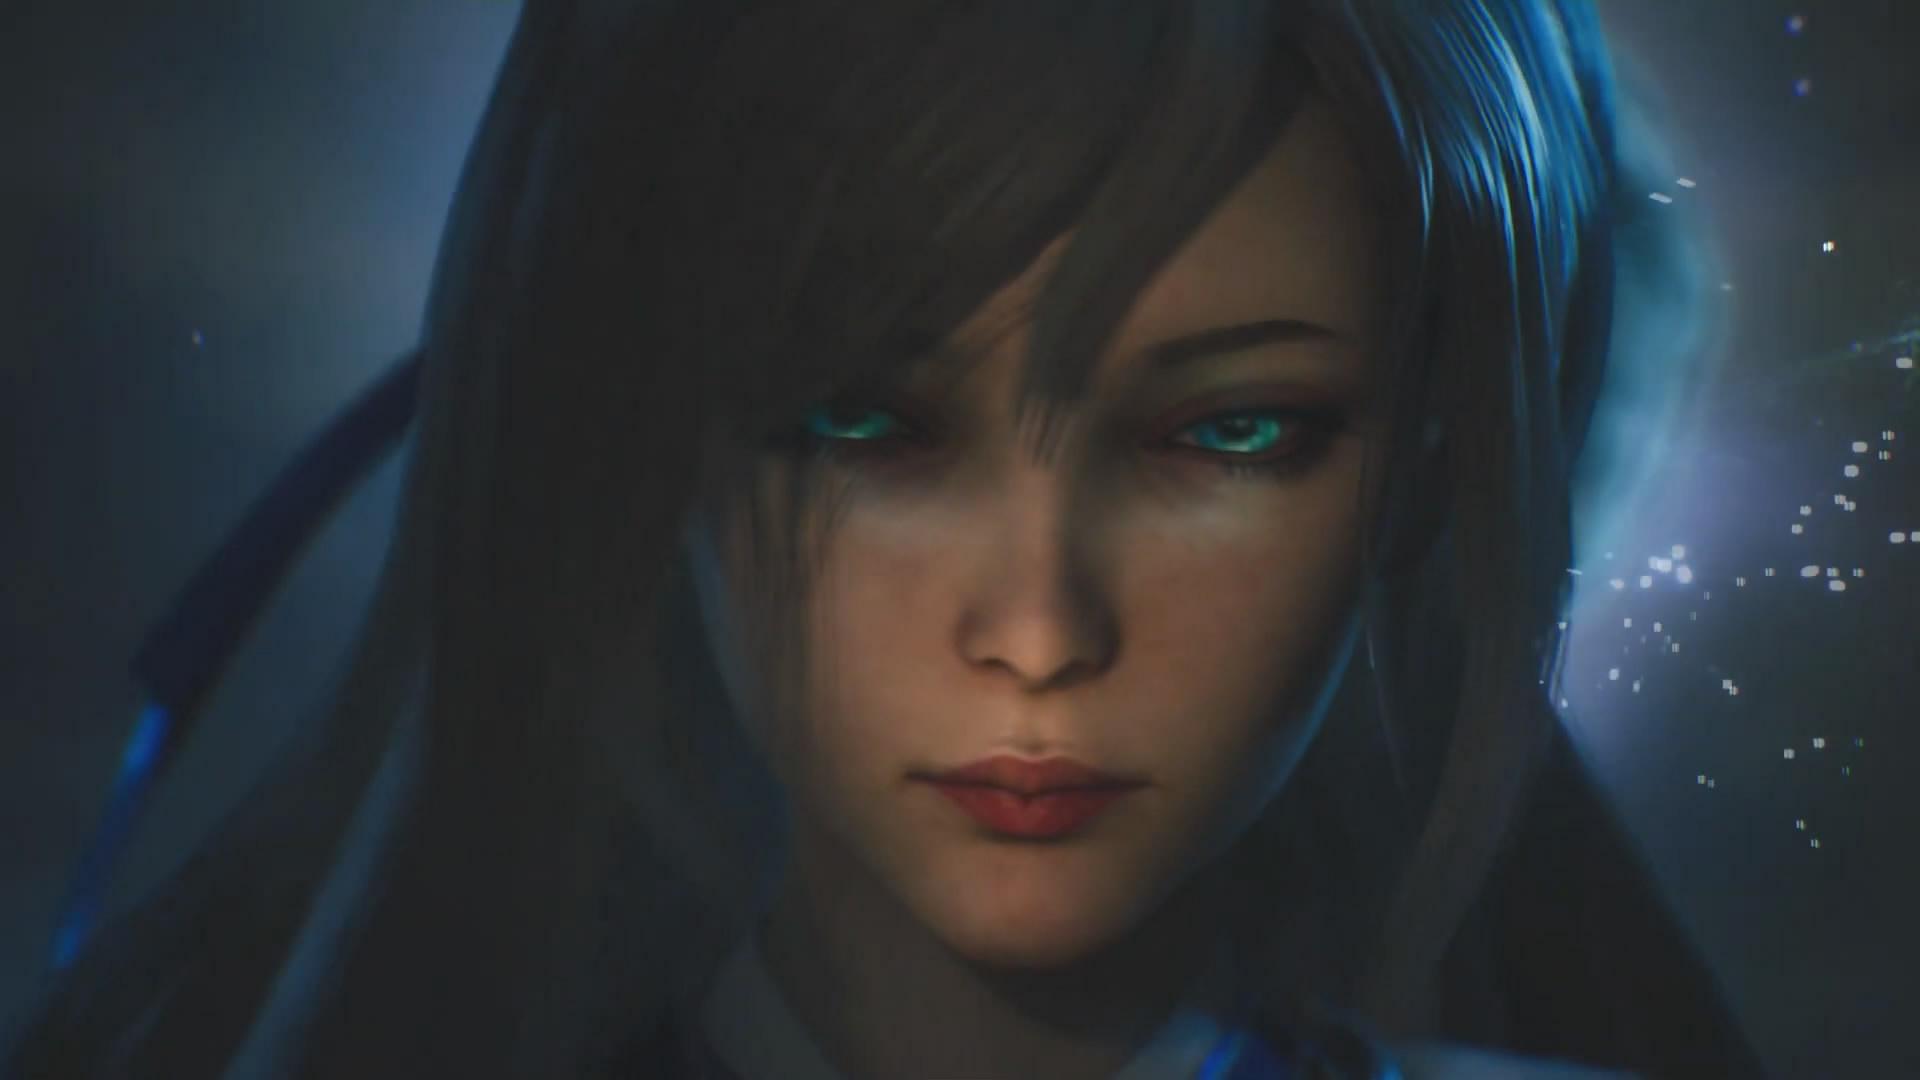 虚幻4版《剑灵》新视频欣赏 小姐姐更美更逼真了